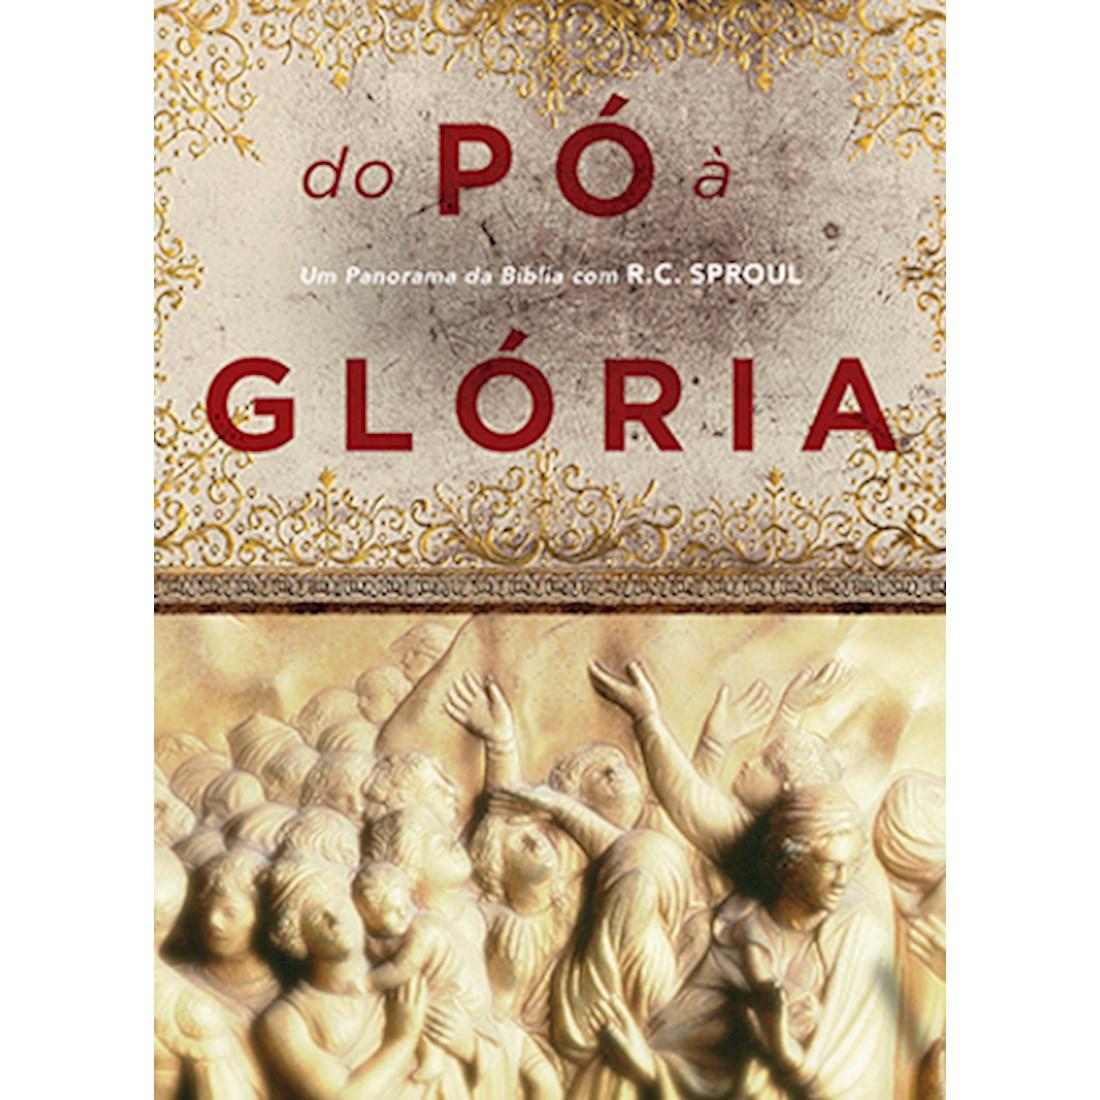 DVD DO PÓ À GLÓRIA - Novo Testamento - R. C. Sproul